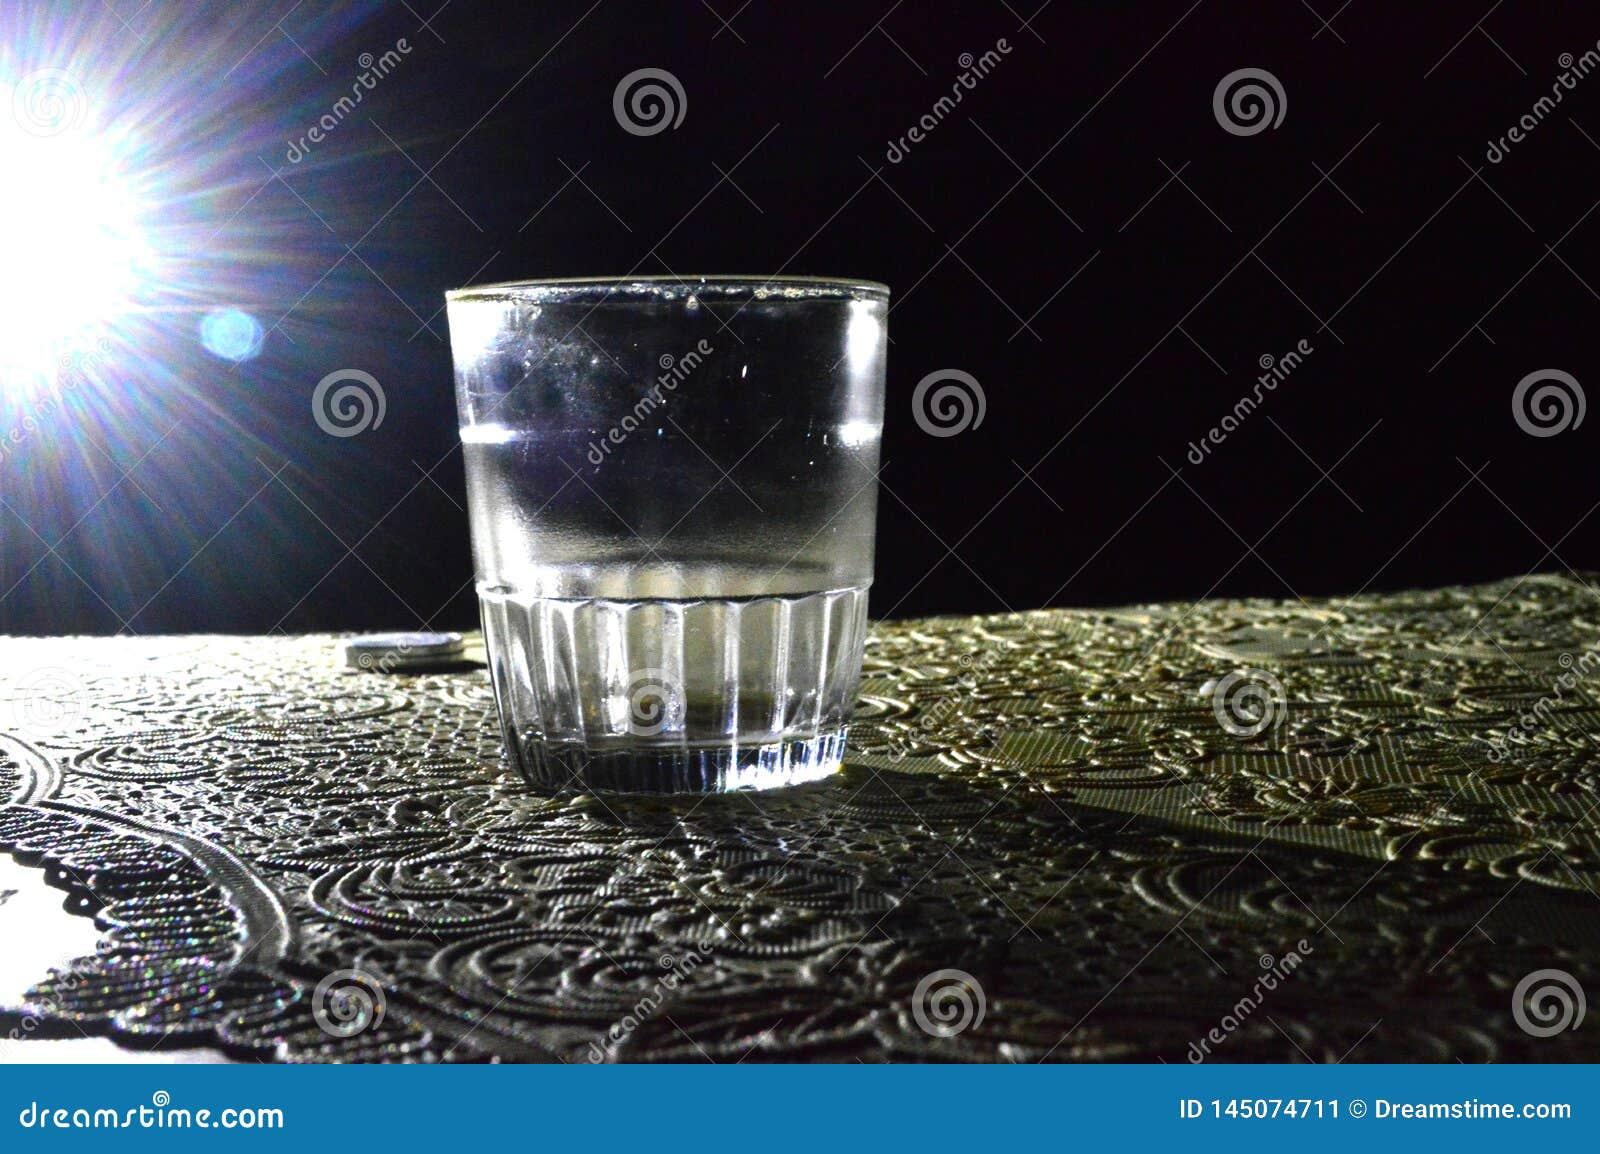 Μια εικόνα ενός γυαλιού στο σκοτάδι με λίγο φως